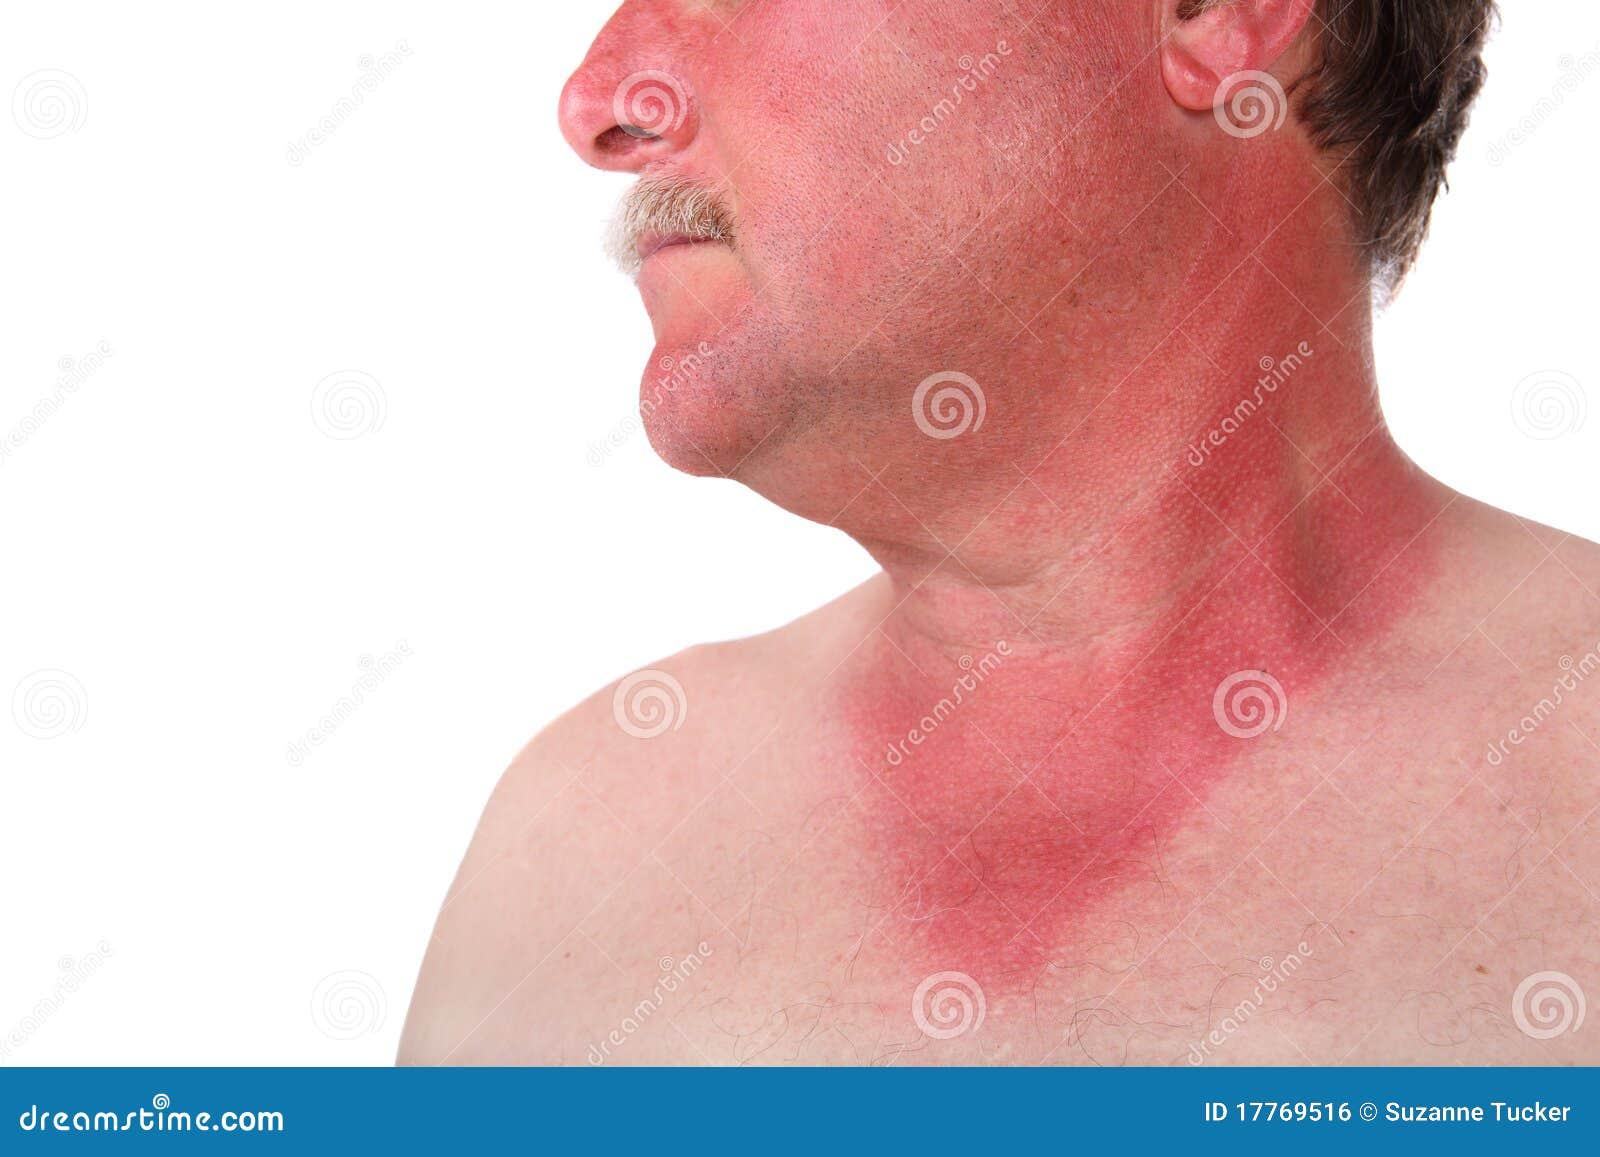 homme avec un coup de soleil photo stock image du douloureux homme 17769516. Black Bedroom Furniture Sets. Home Design Ideas